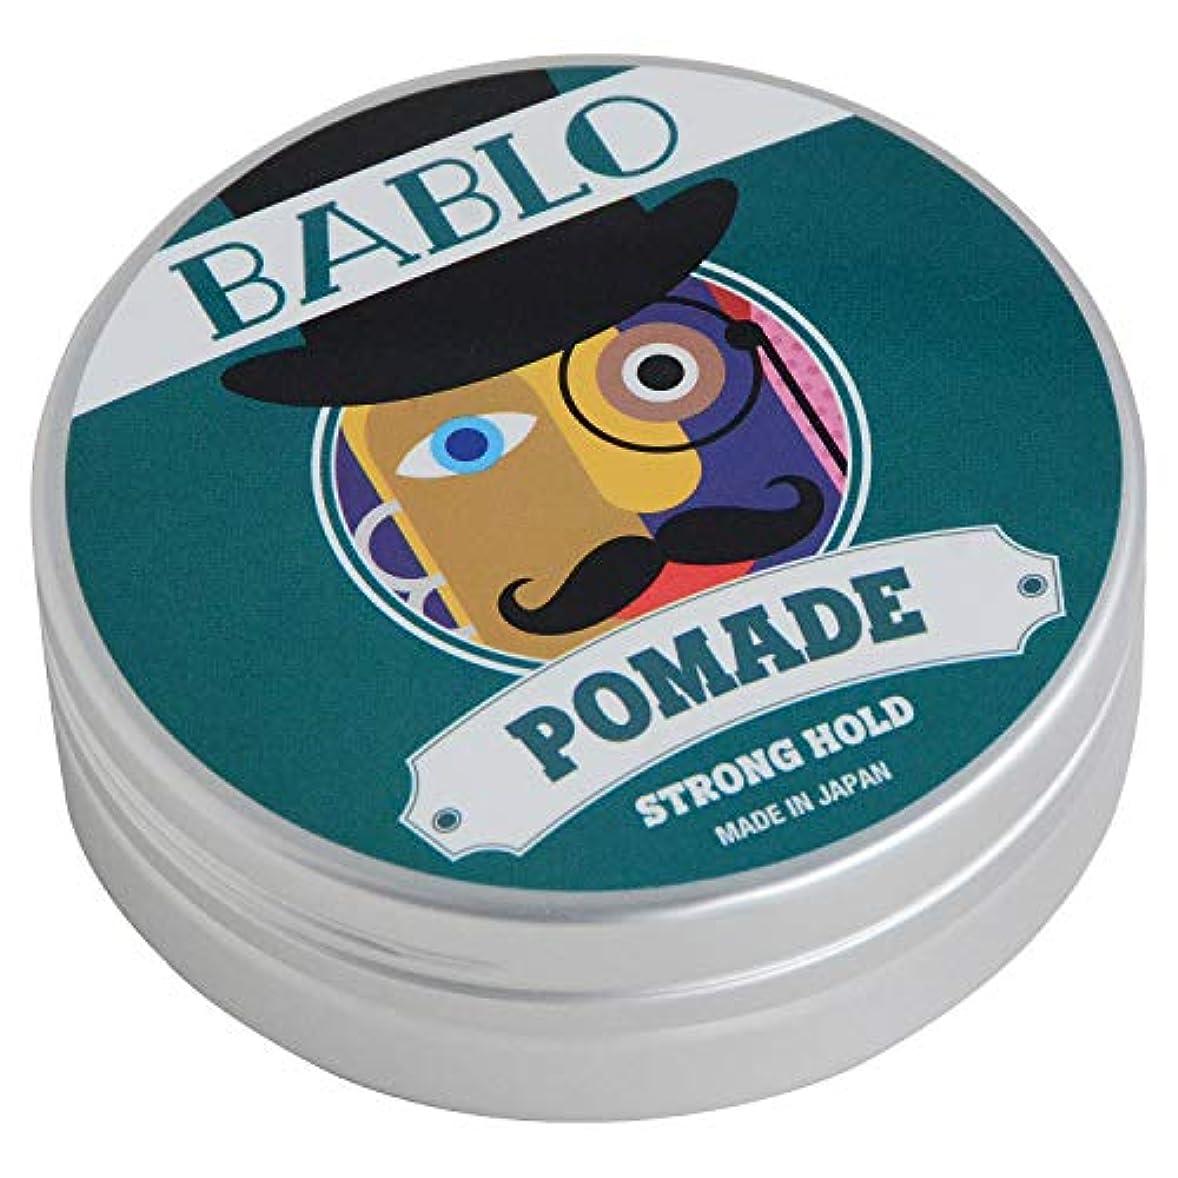 アライメントビルピストルバブロ ポマード(BABLO POMADE) ストロング ホールド メンズ 整髪料 水性 ヘアグリース 130g